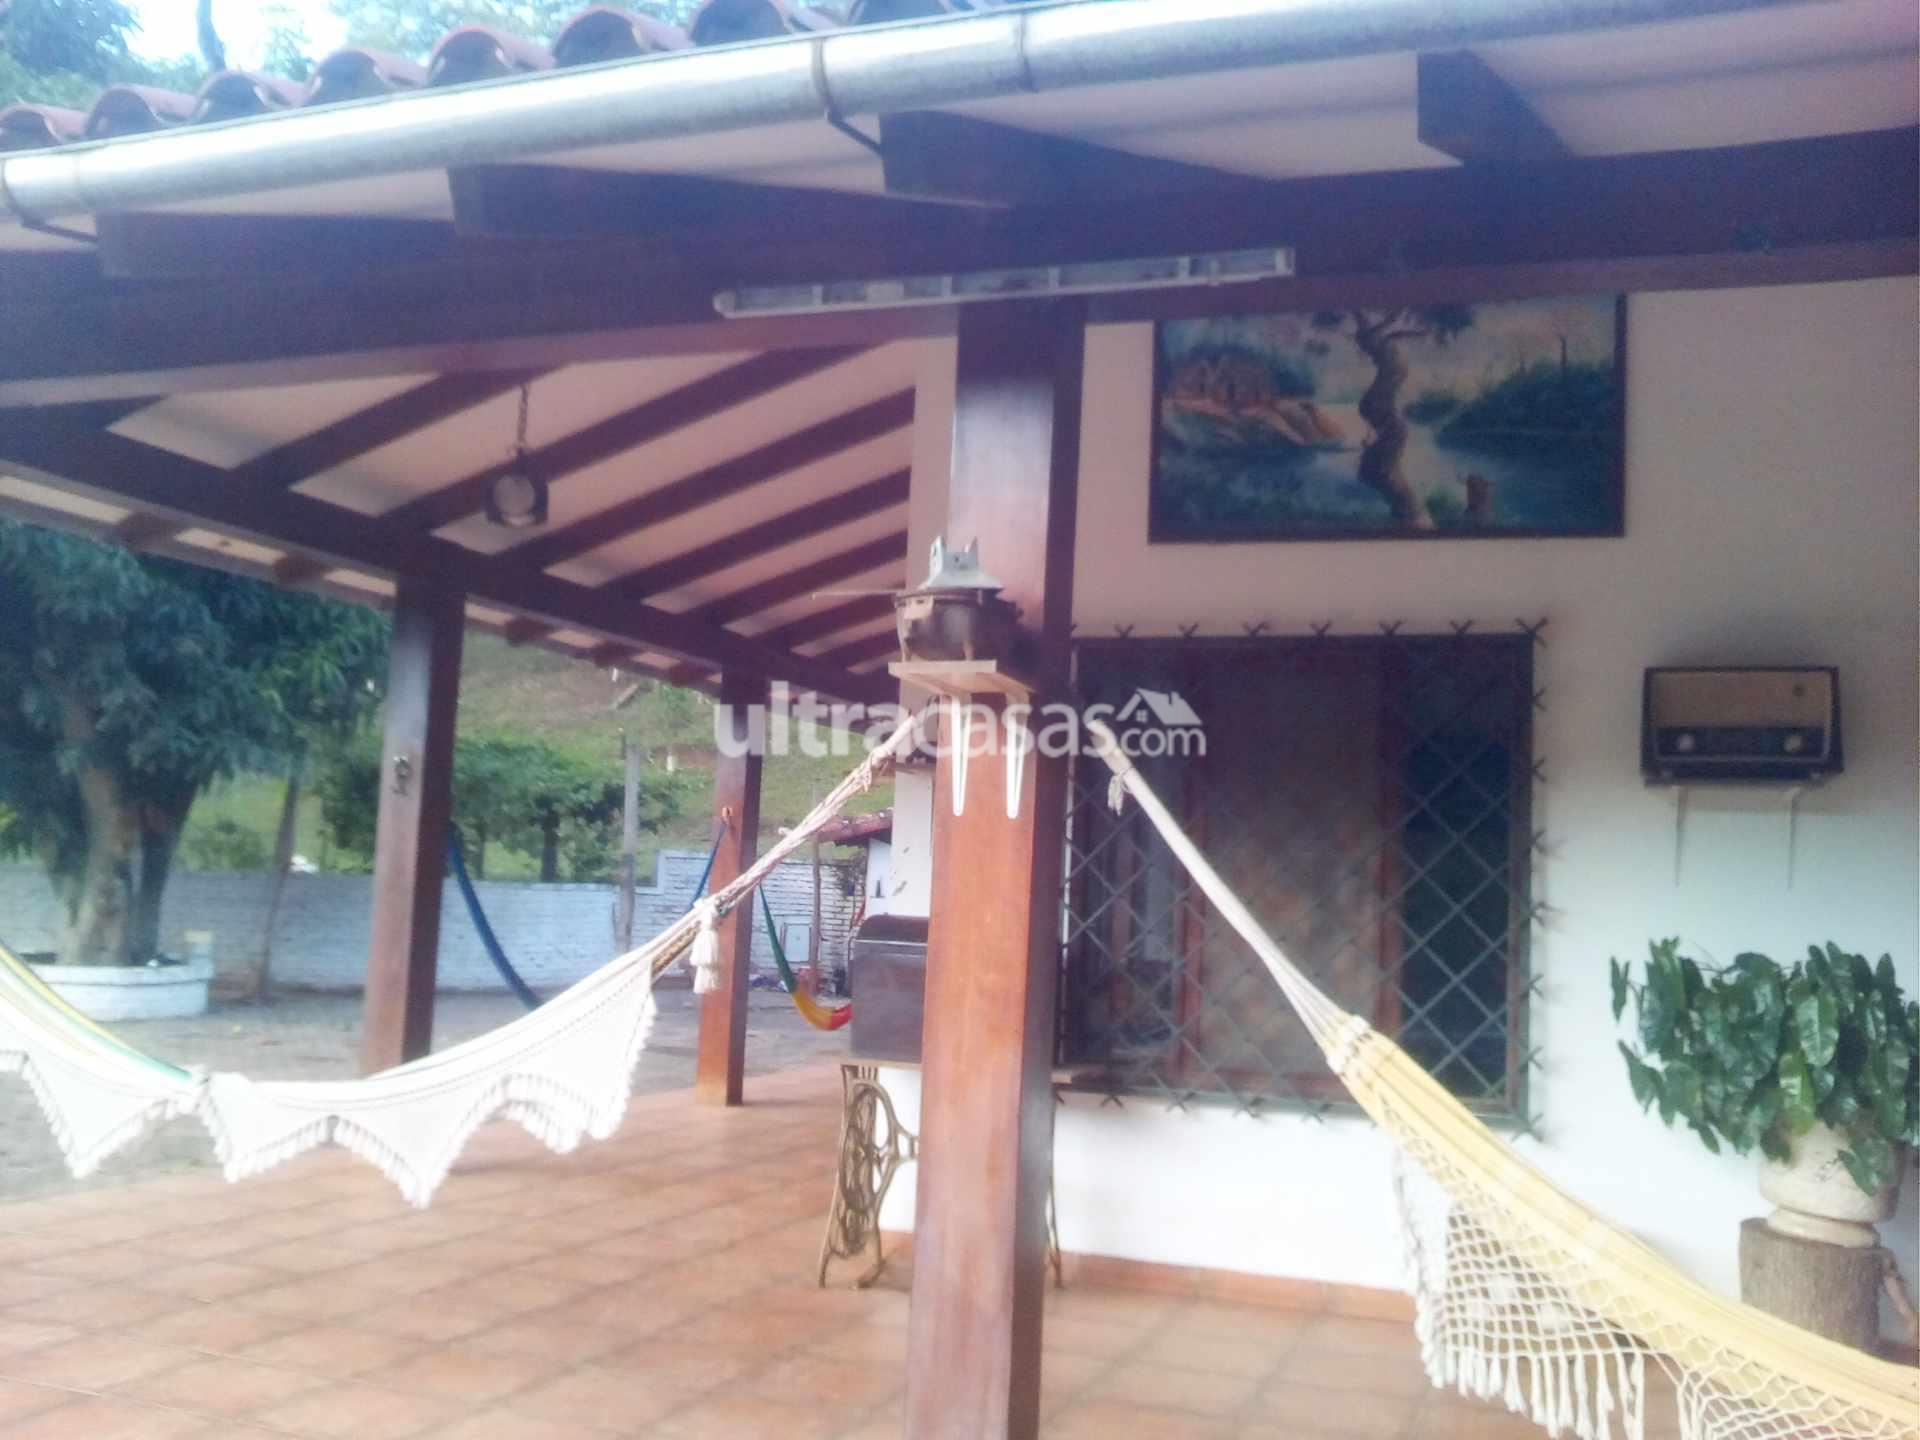 Casa en Venta Poblacion el torno del surtidor el torno ingresando  900 mt. Se encuentra la quinta Foto 2